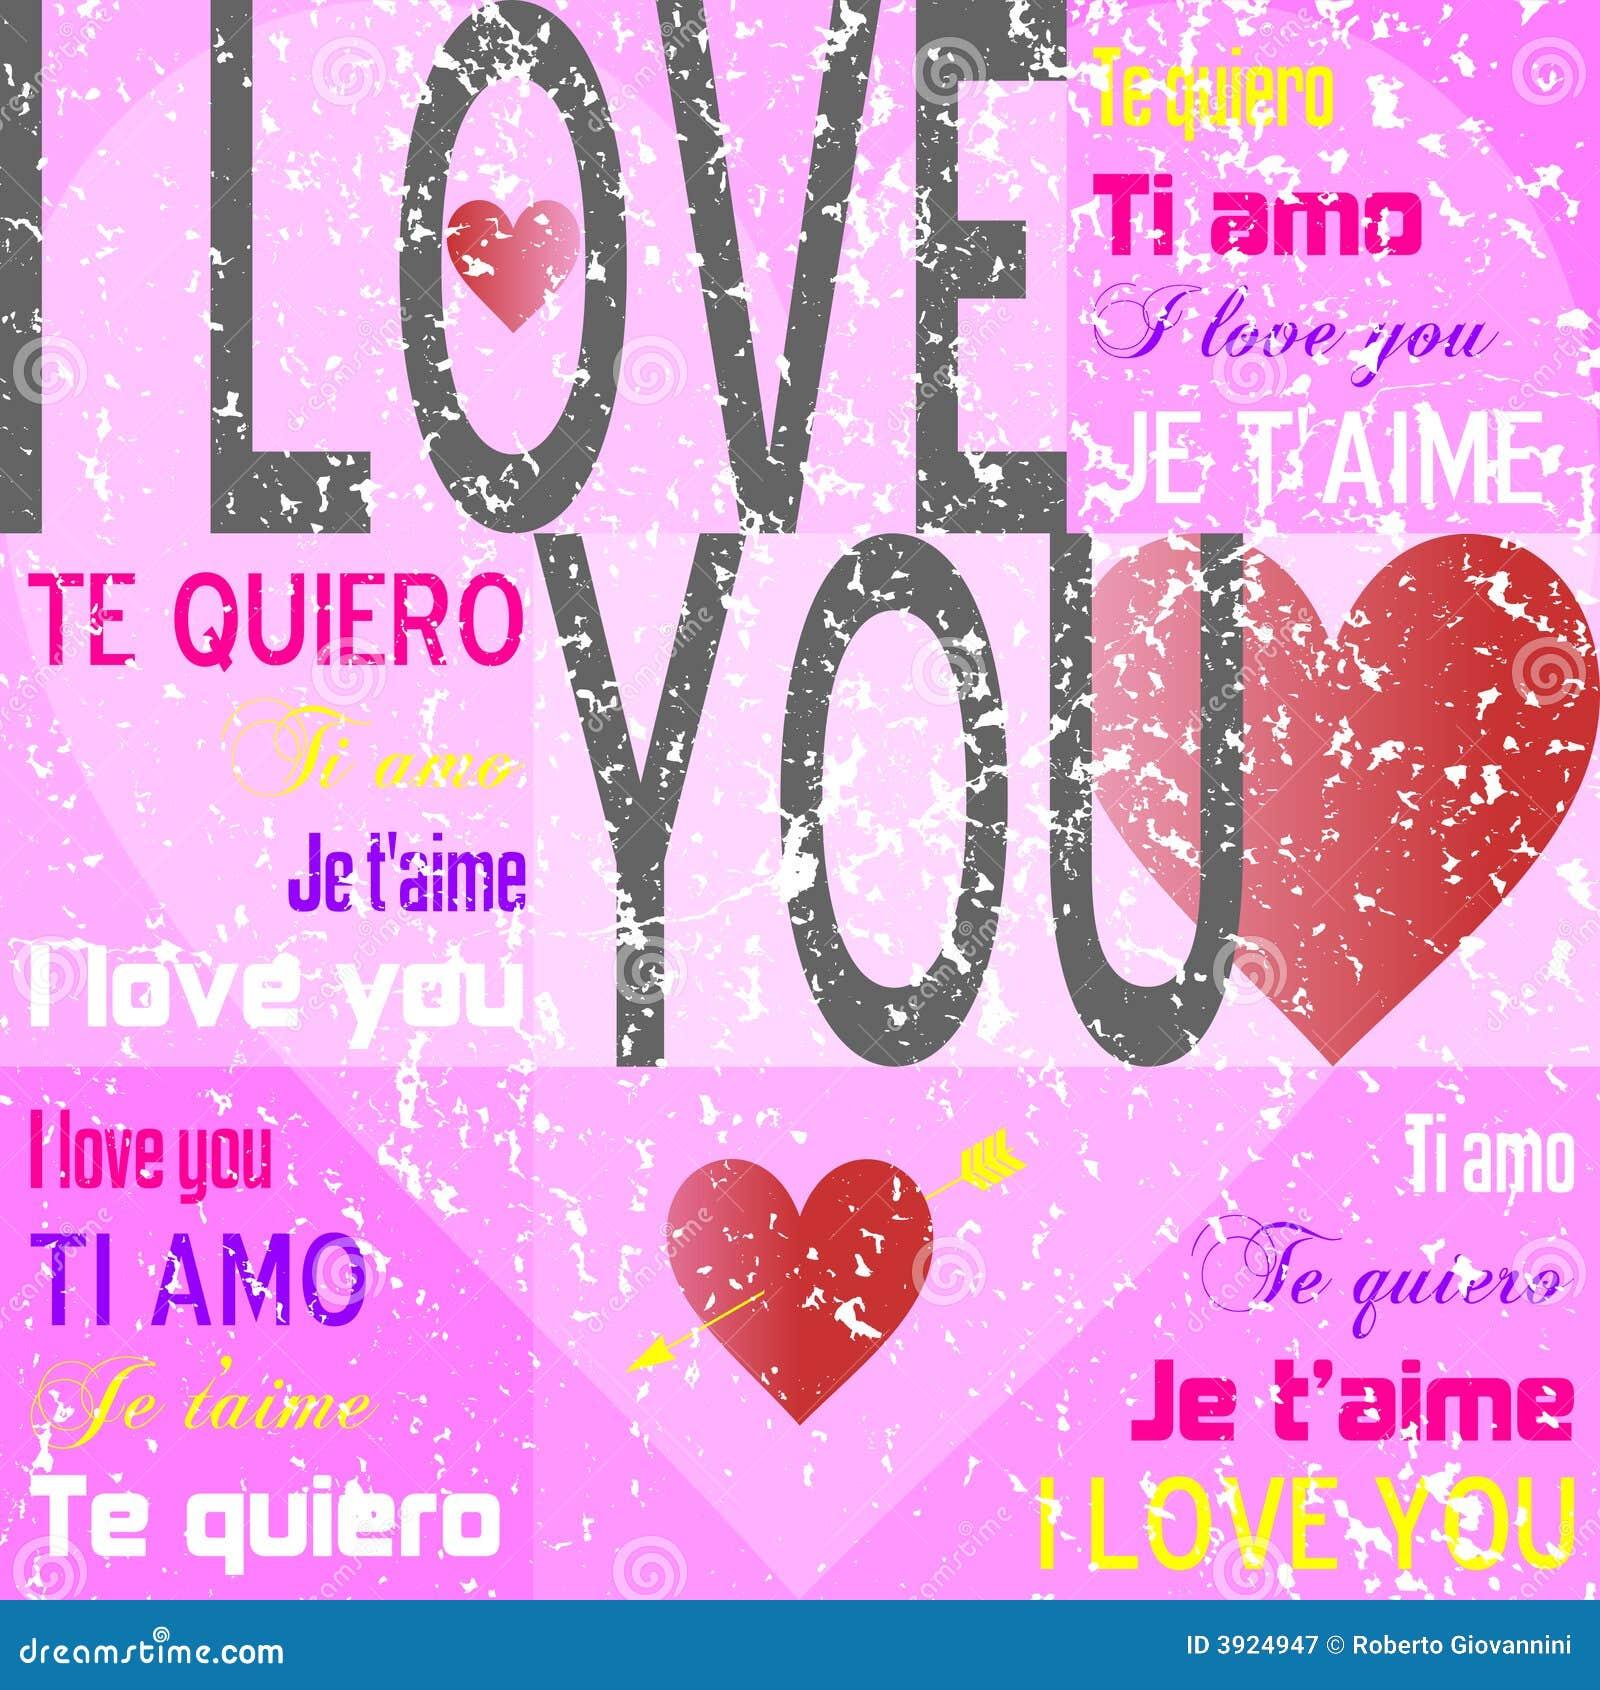 Free image i love you too